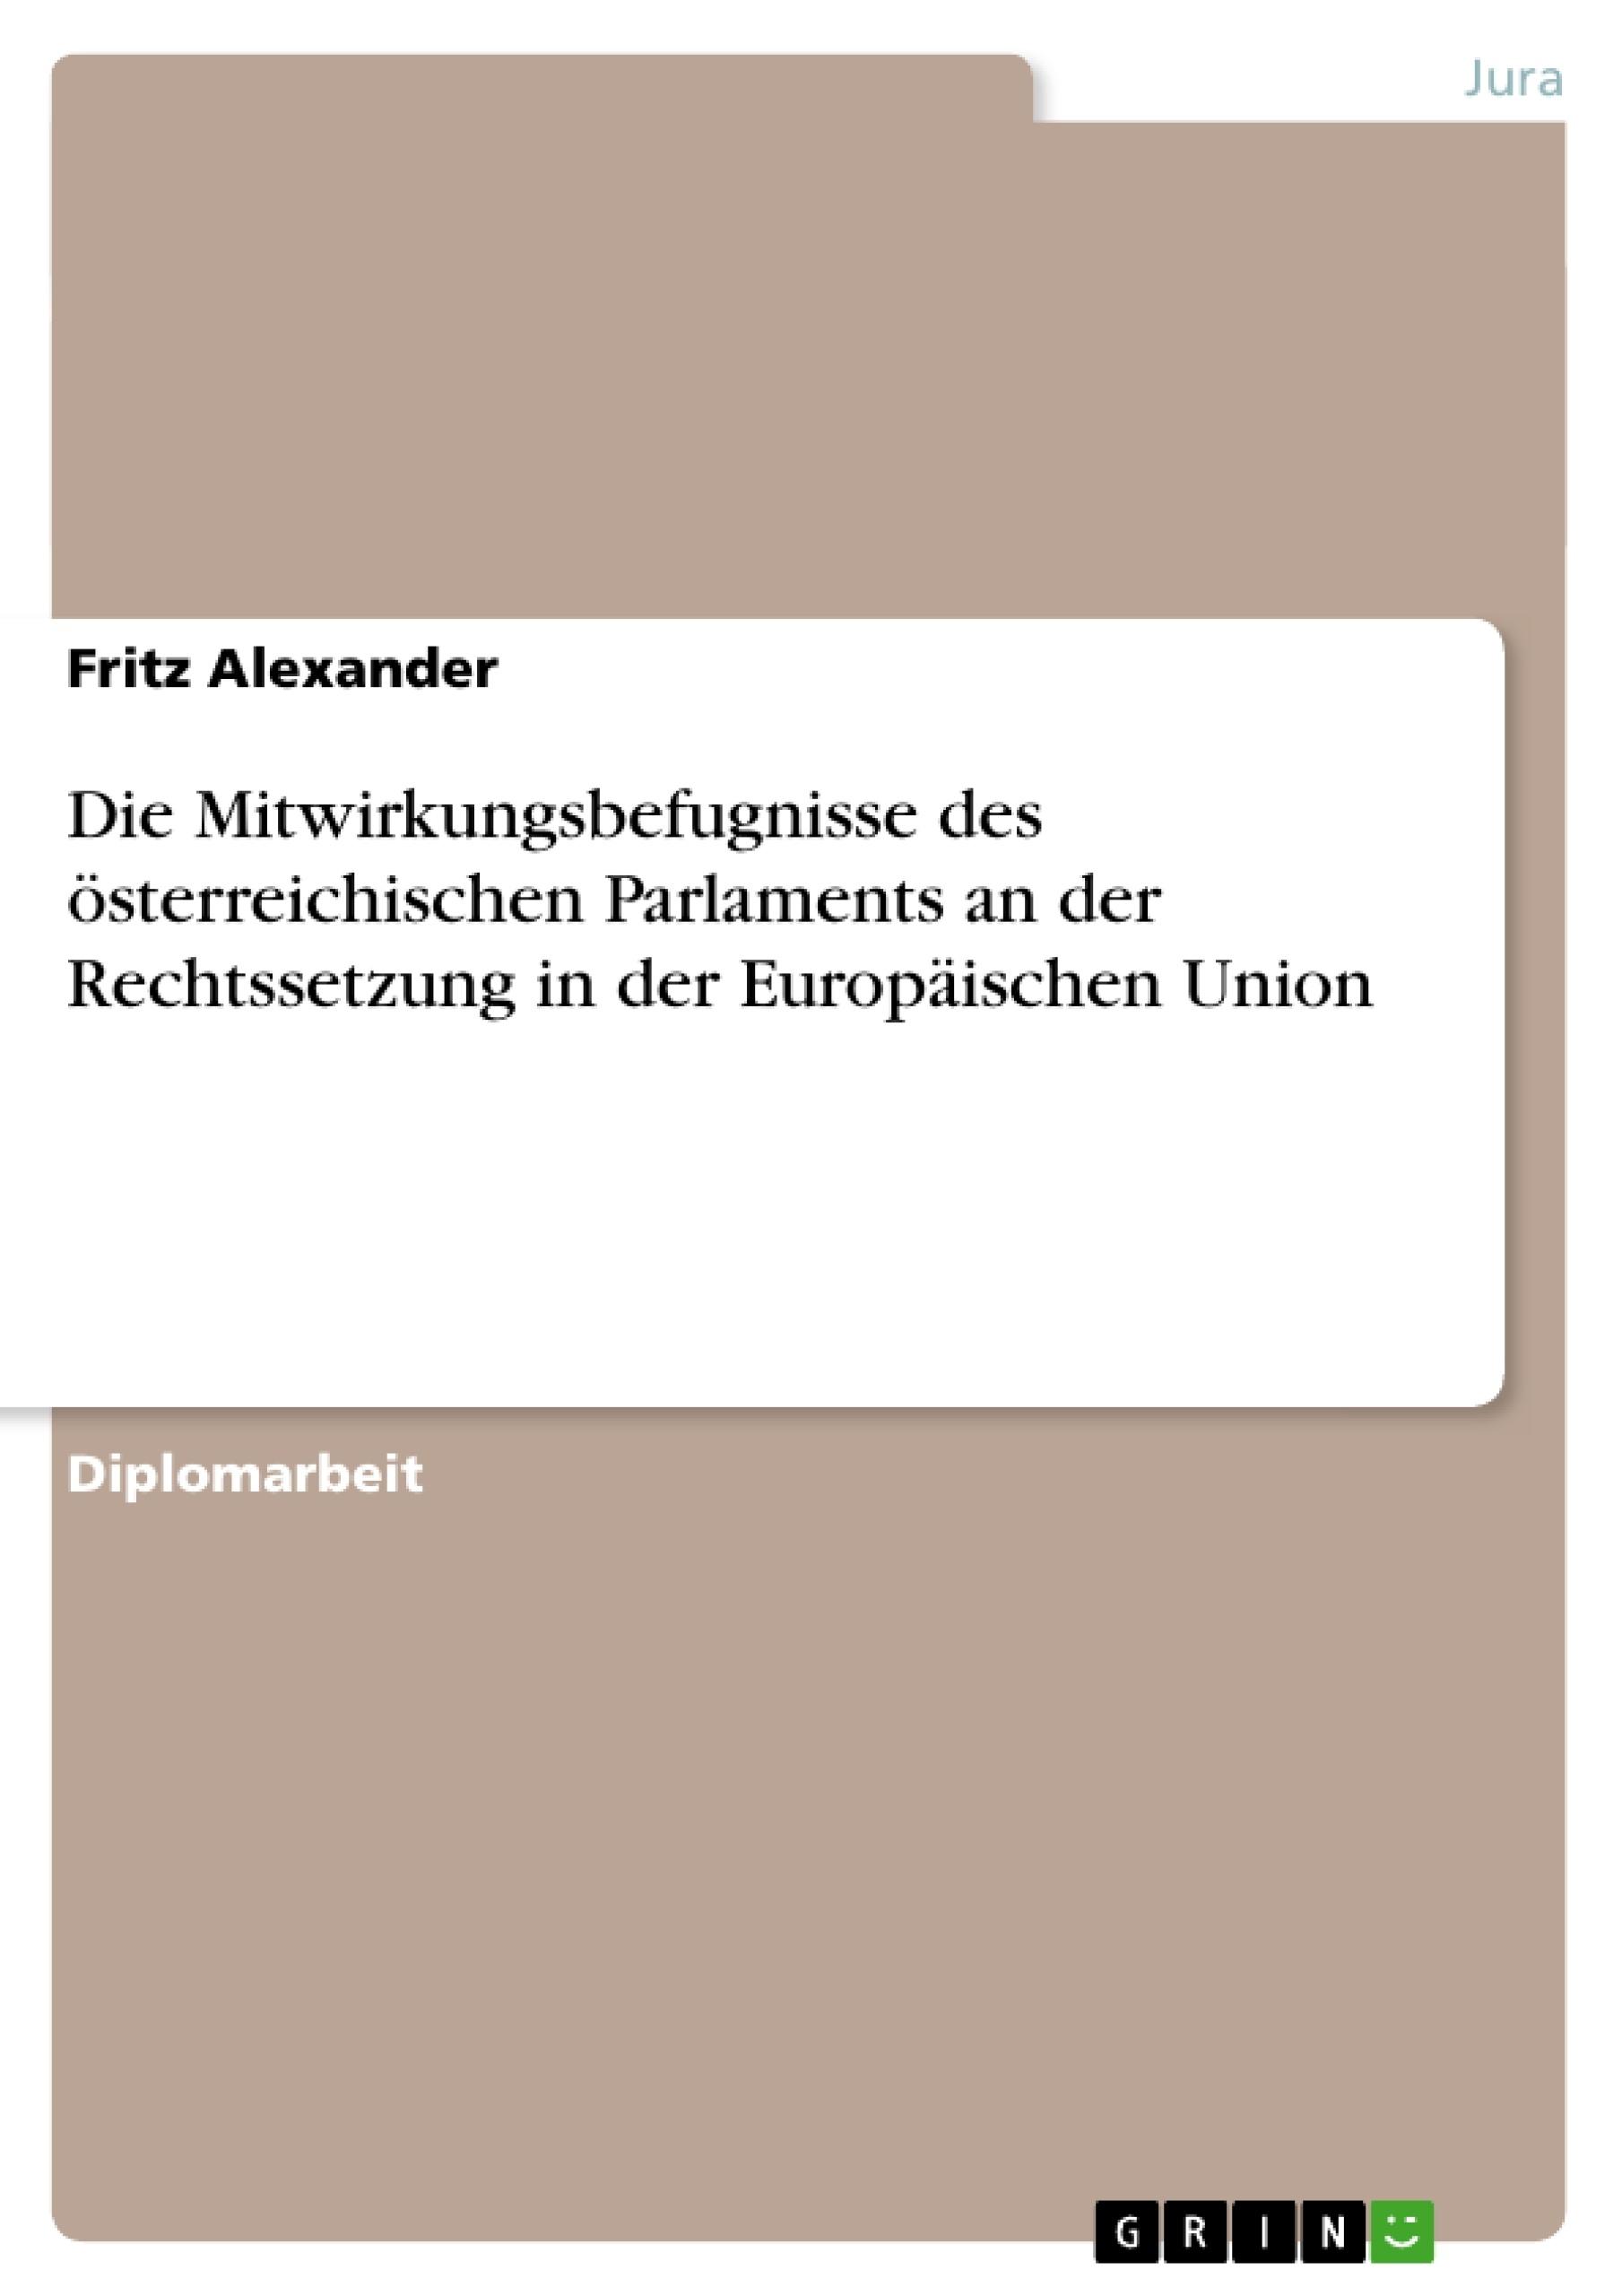 Titel: Die Mitwirkungsbefugnisse des österreichischen Parlaments an der Rechtssetzung in der Europäischen Union